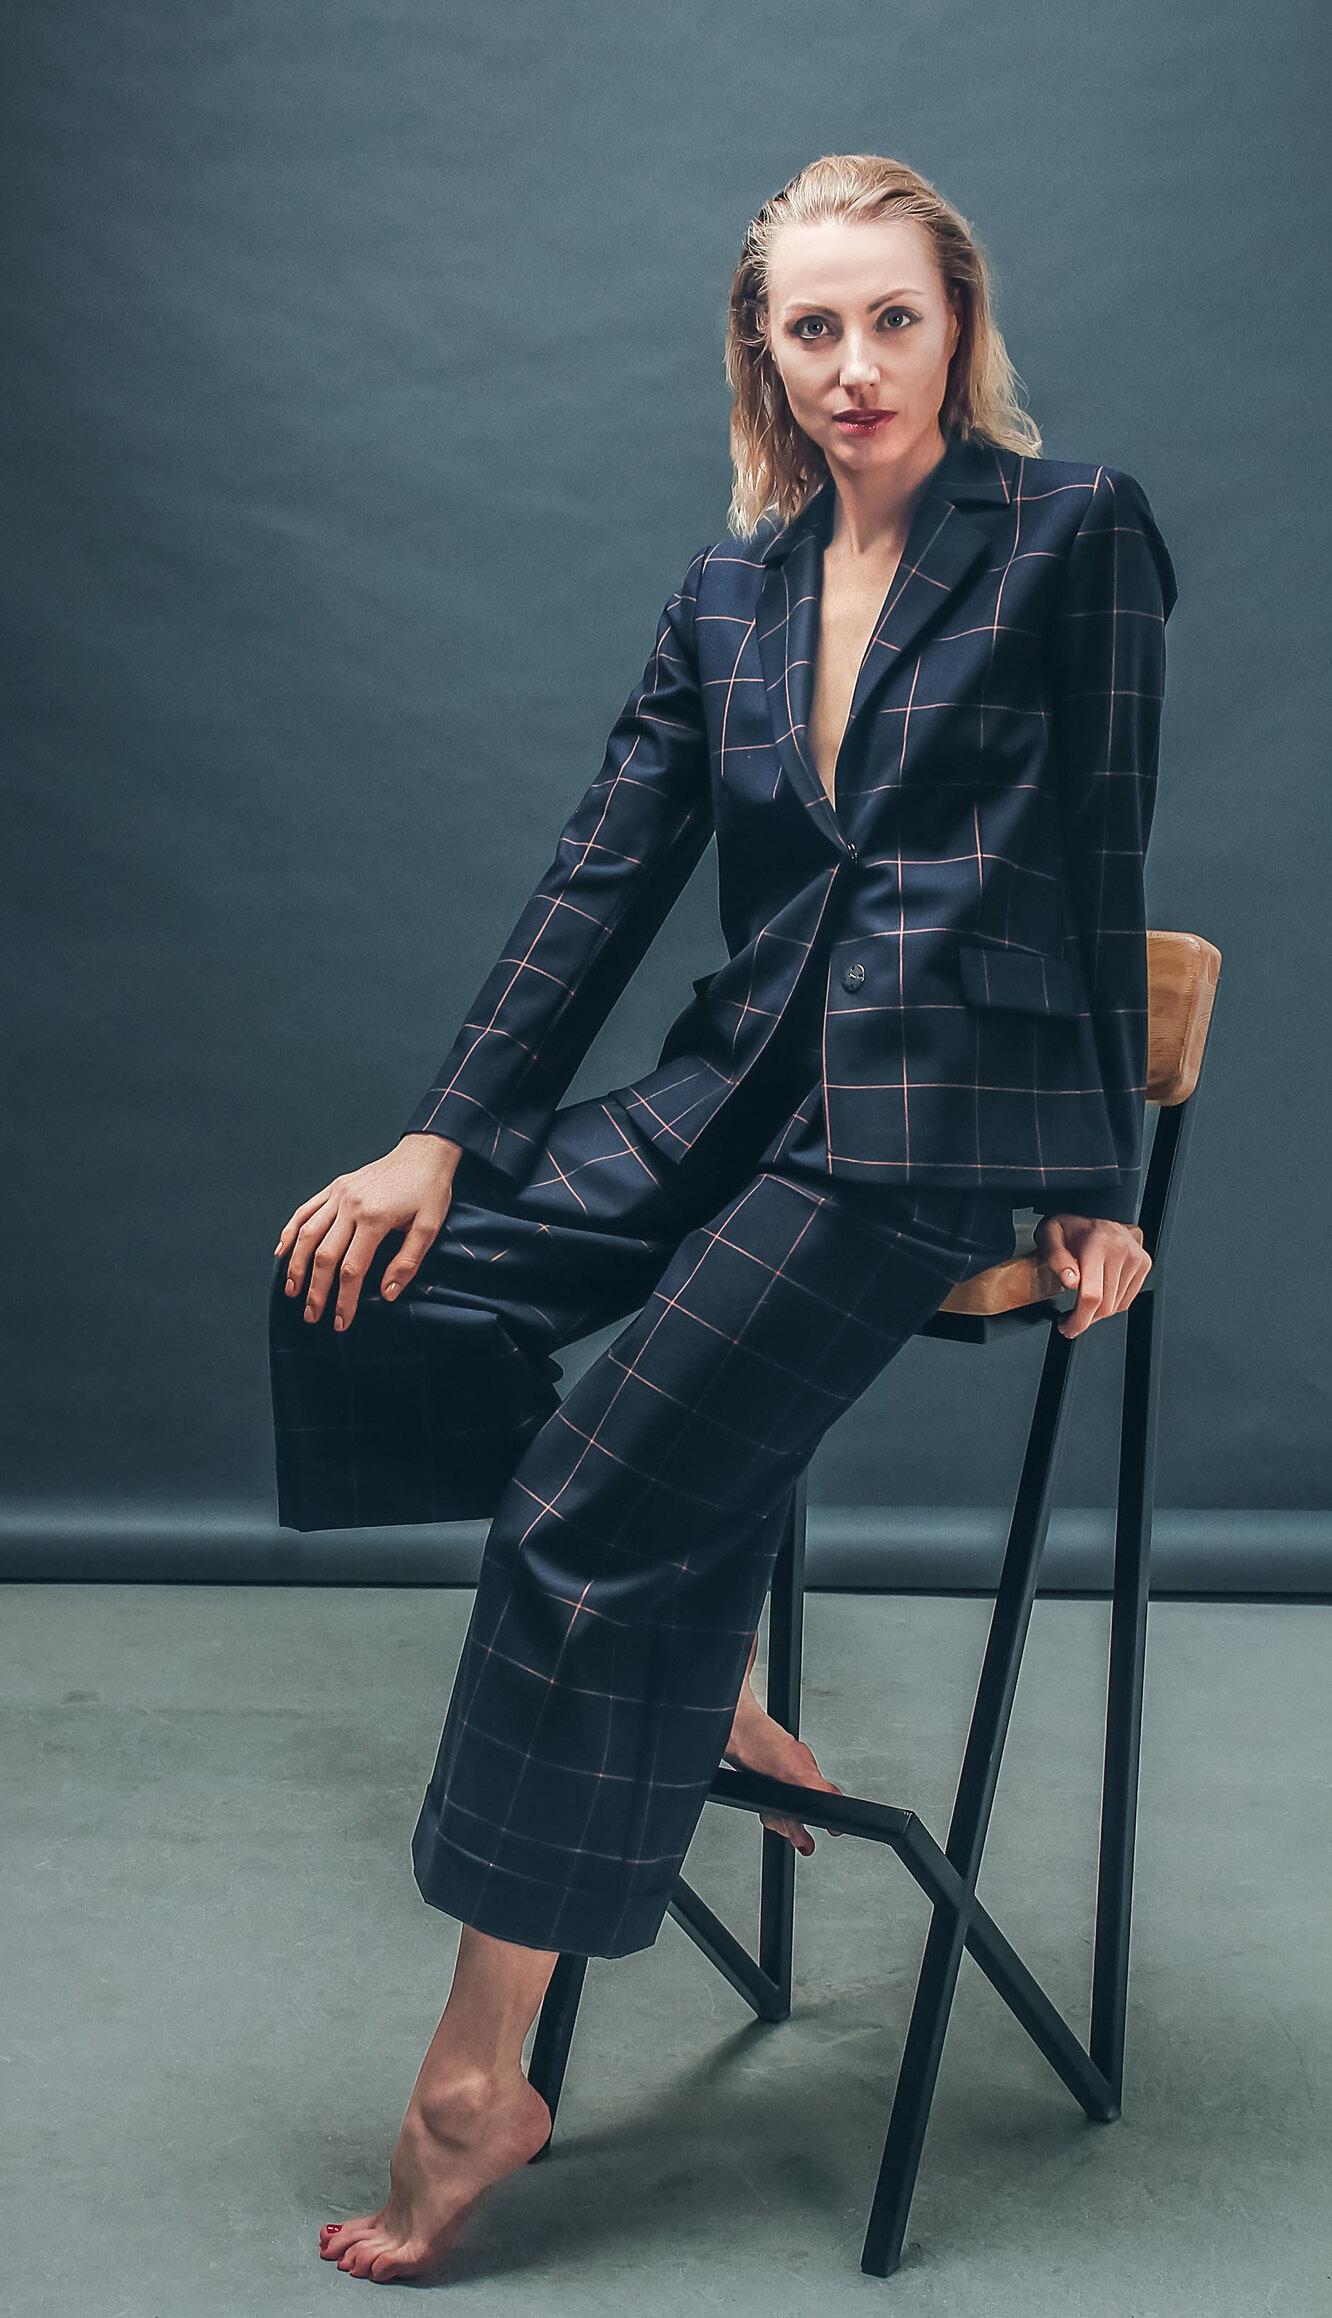 работа моделью для женщин 30 лет